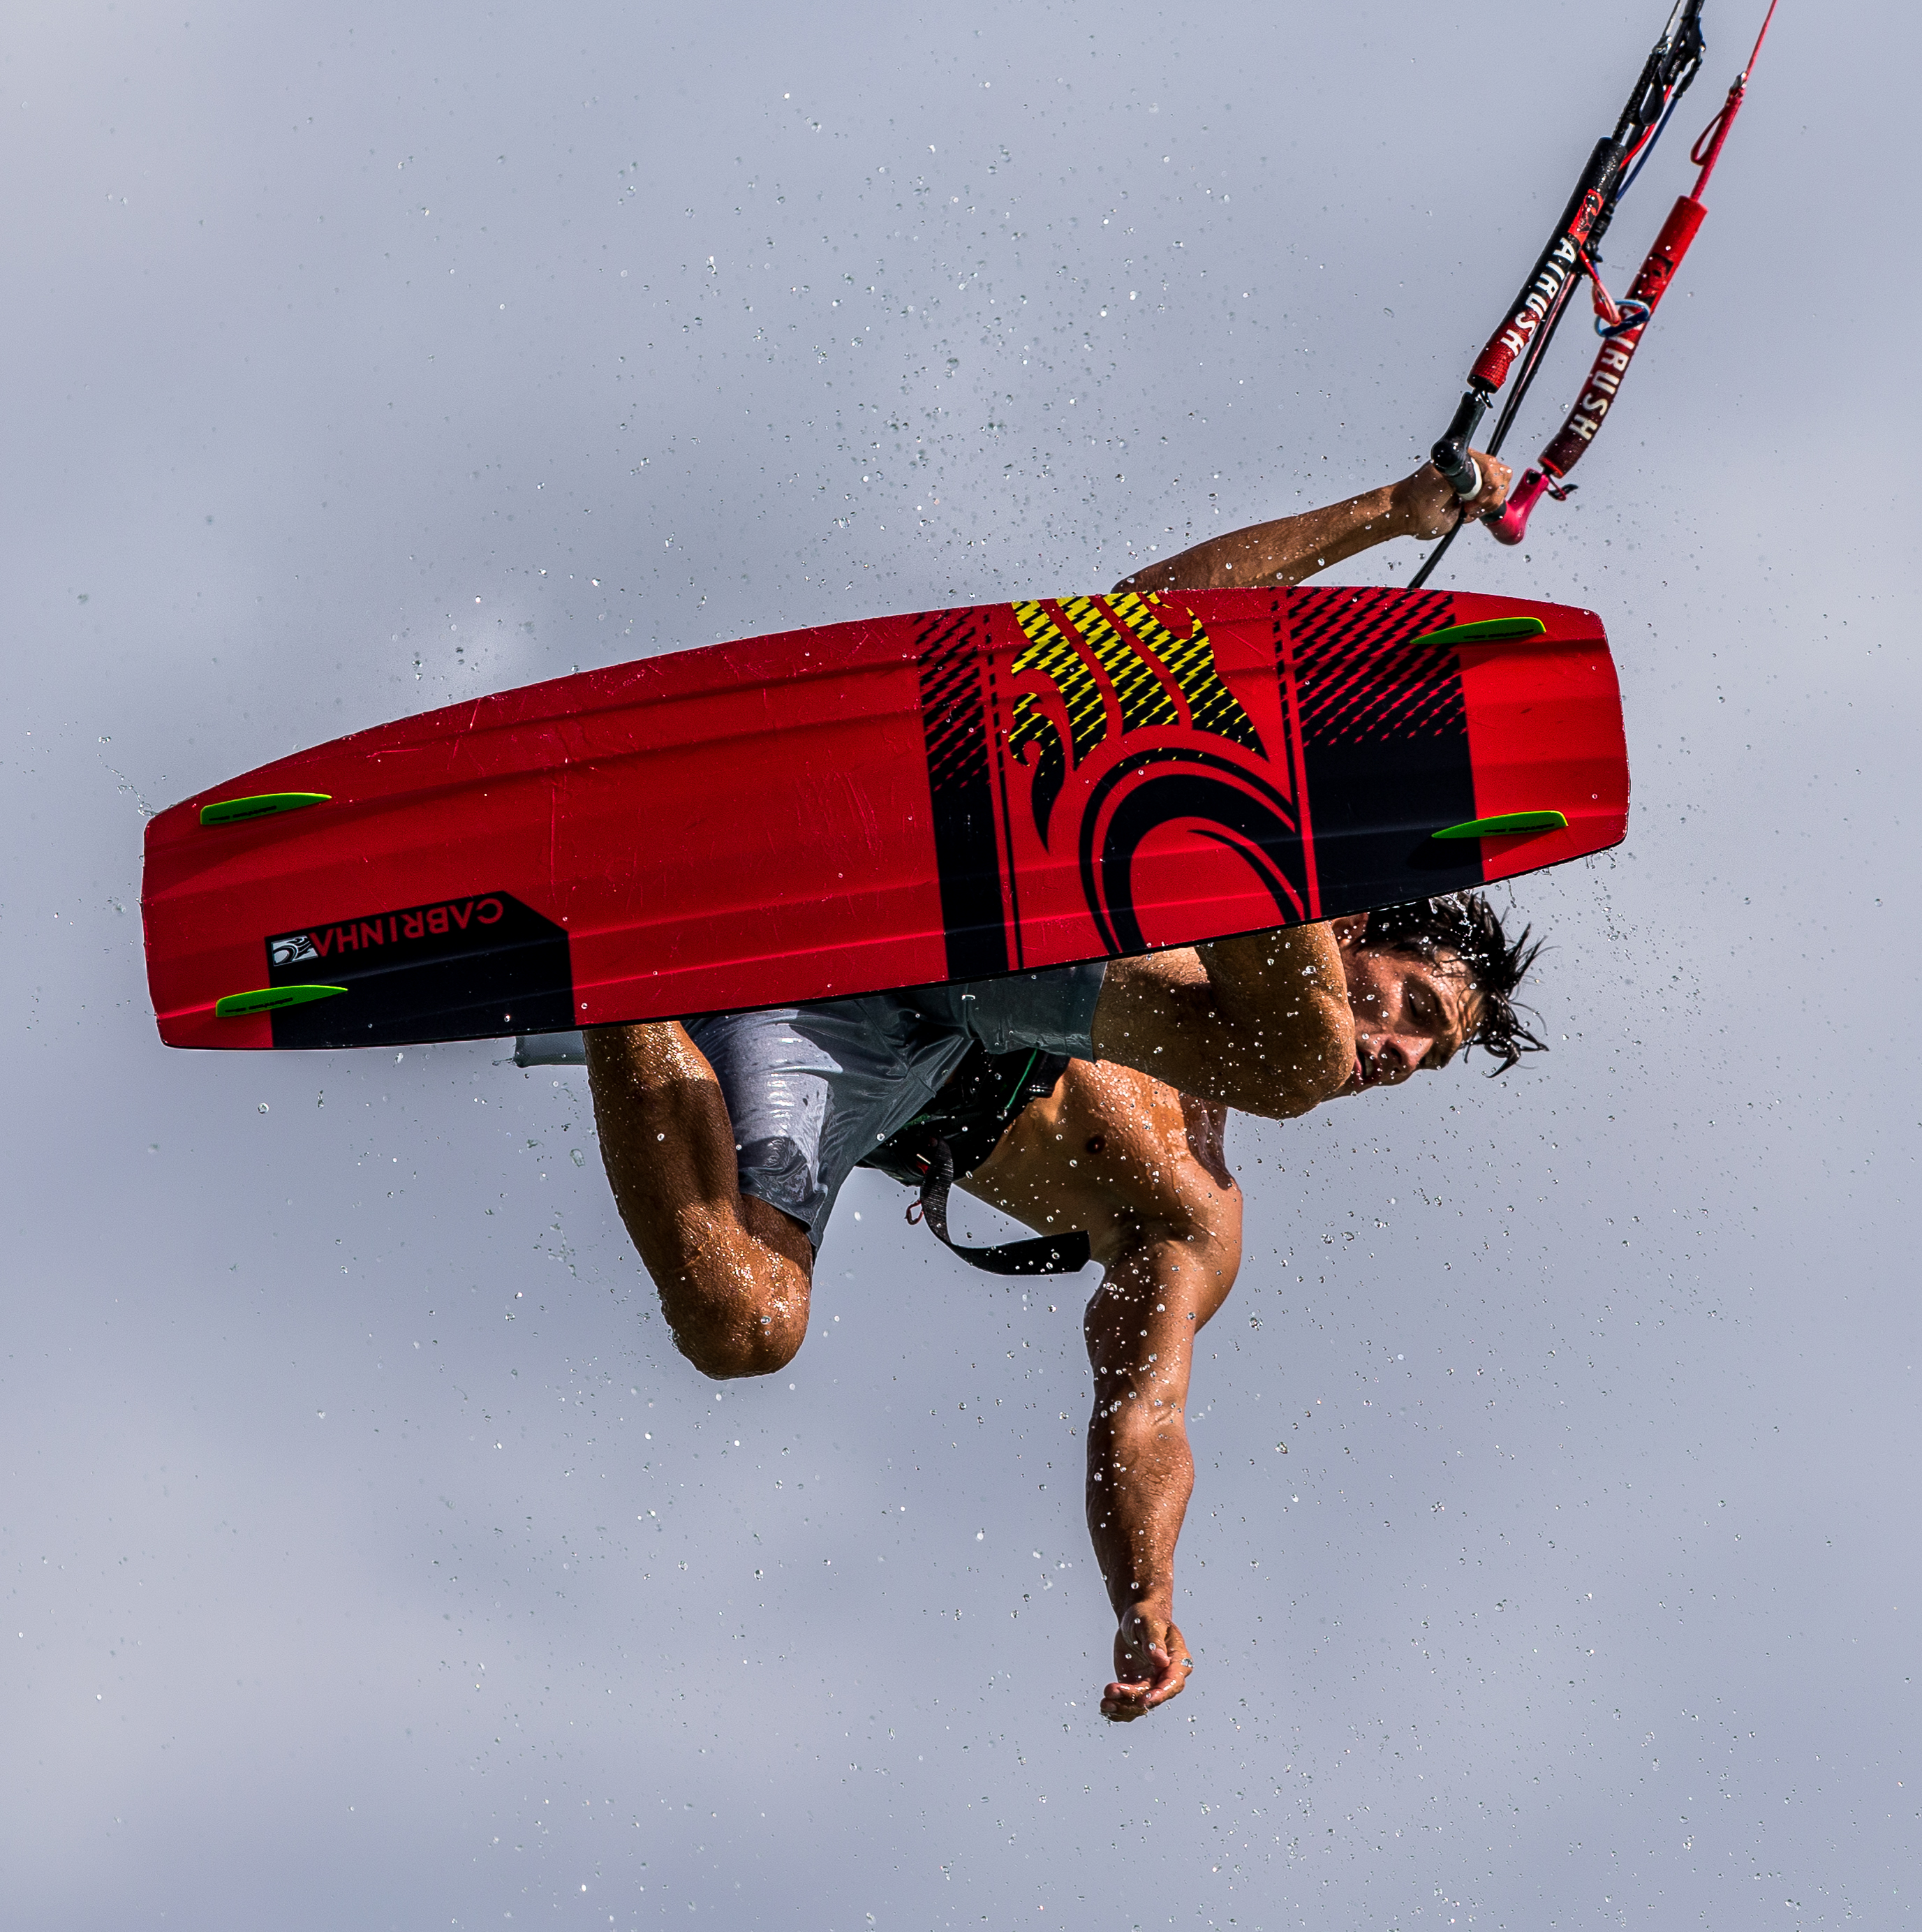 Scott Smit Kitesurfing in Aruba